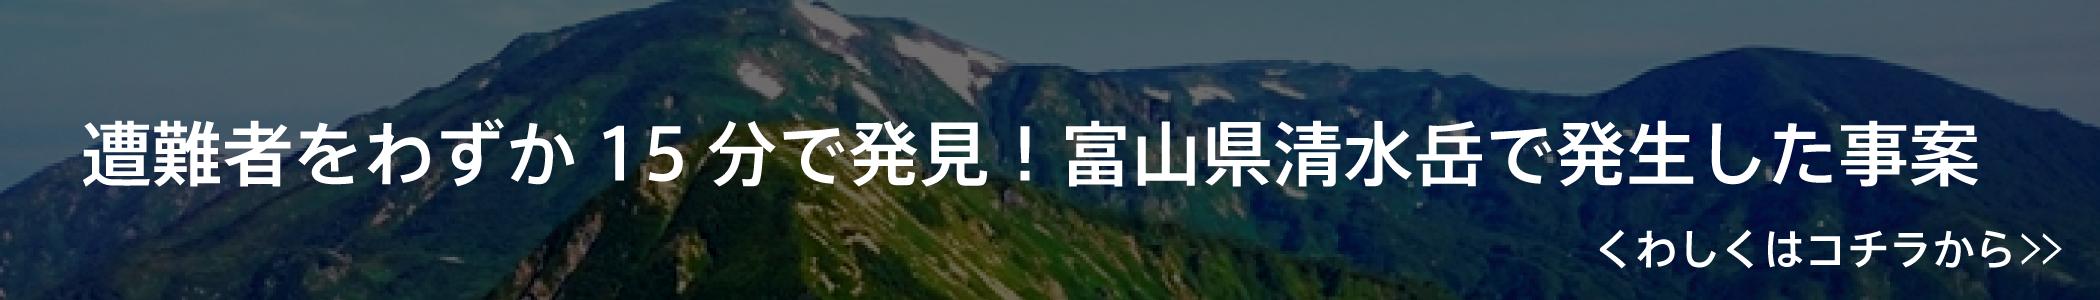 富山県遭難事案ココヘリの受信機が活躍 産経新聞